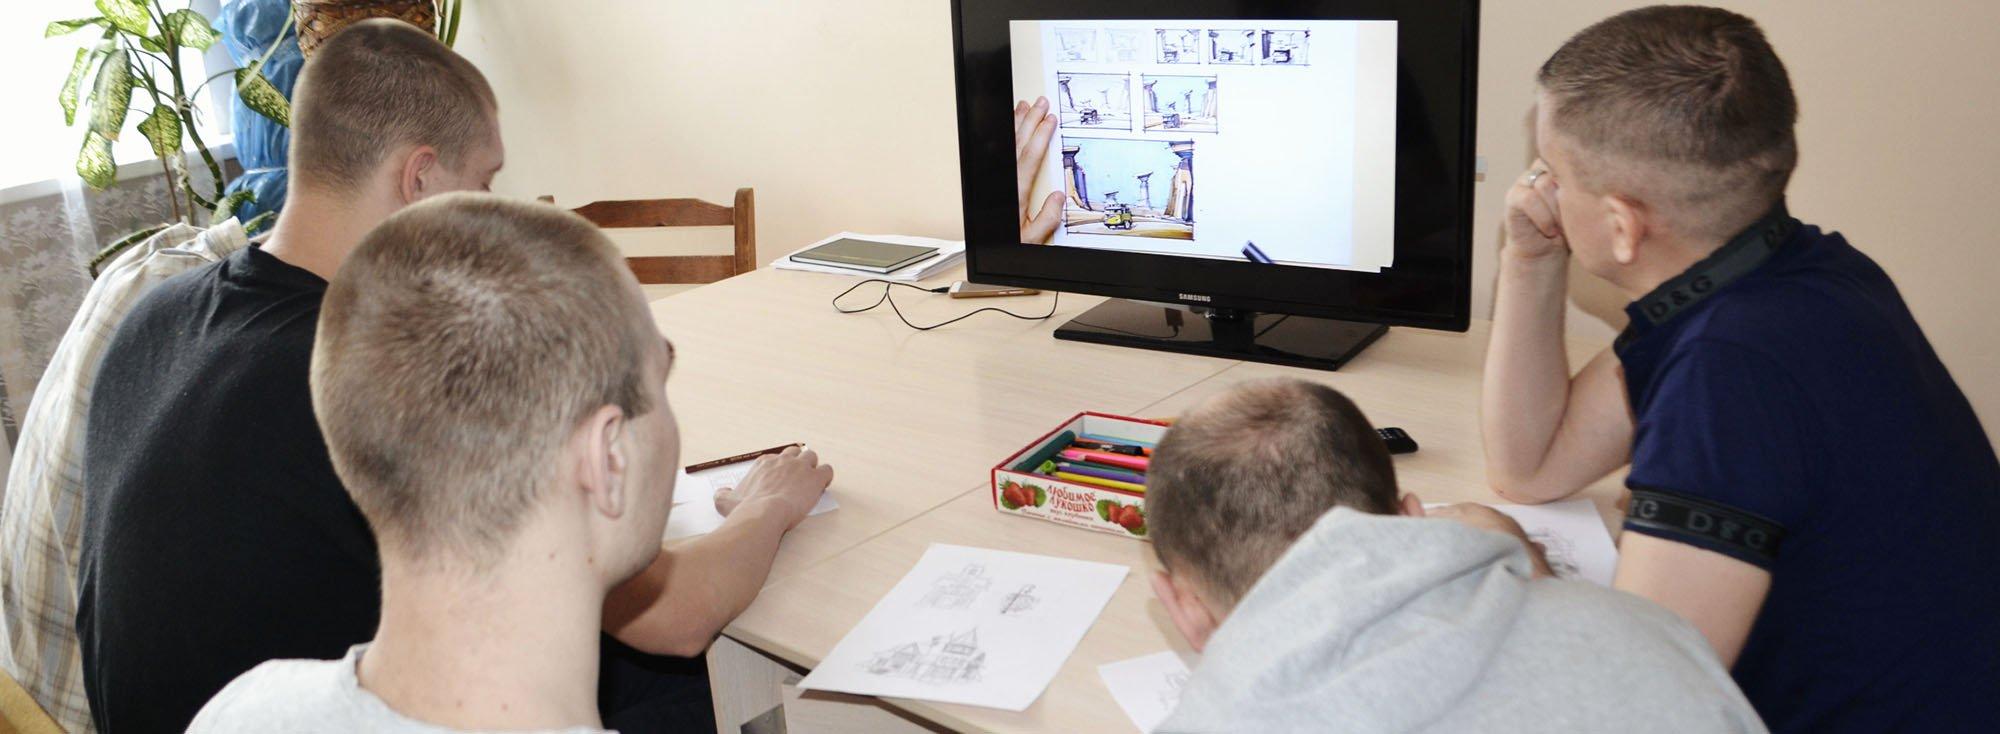 Пациенты 16 отделения открыли новое направление в творчестве – скетчинг